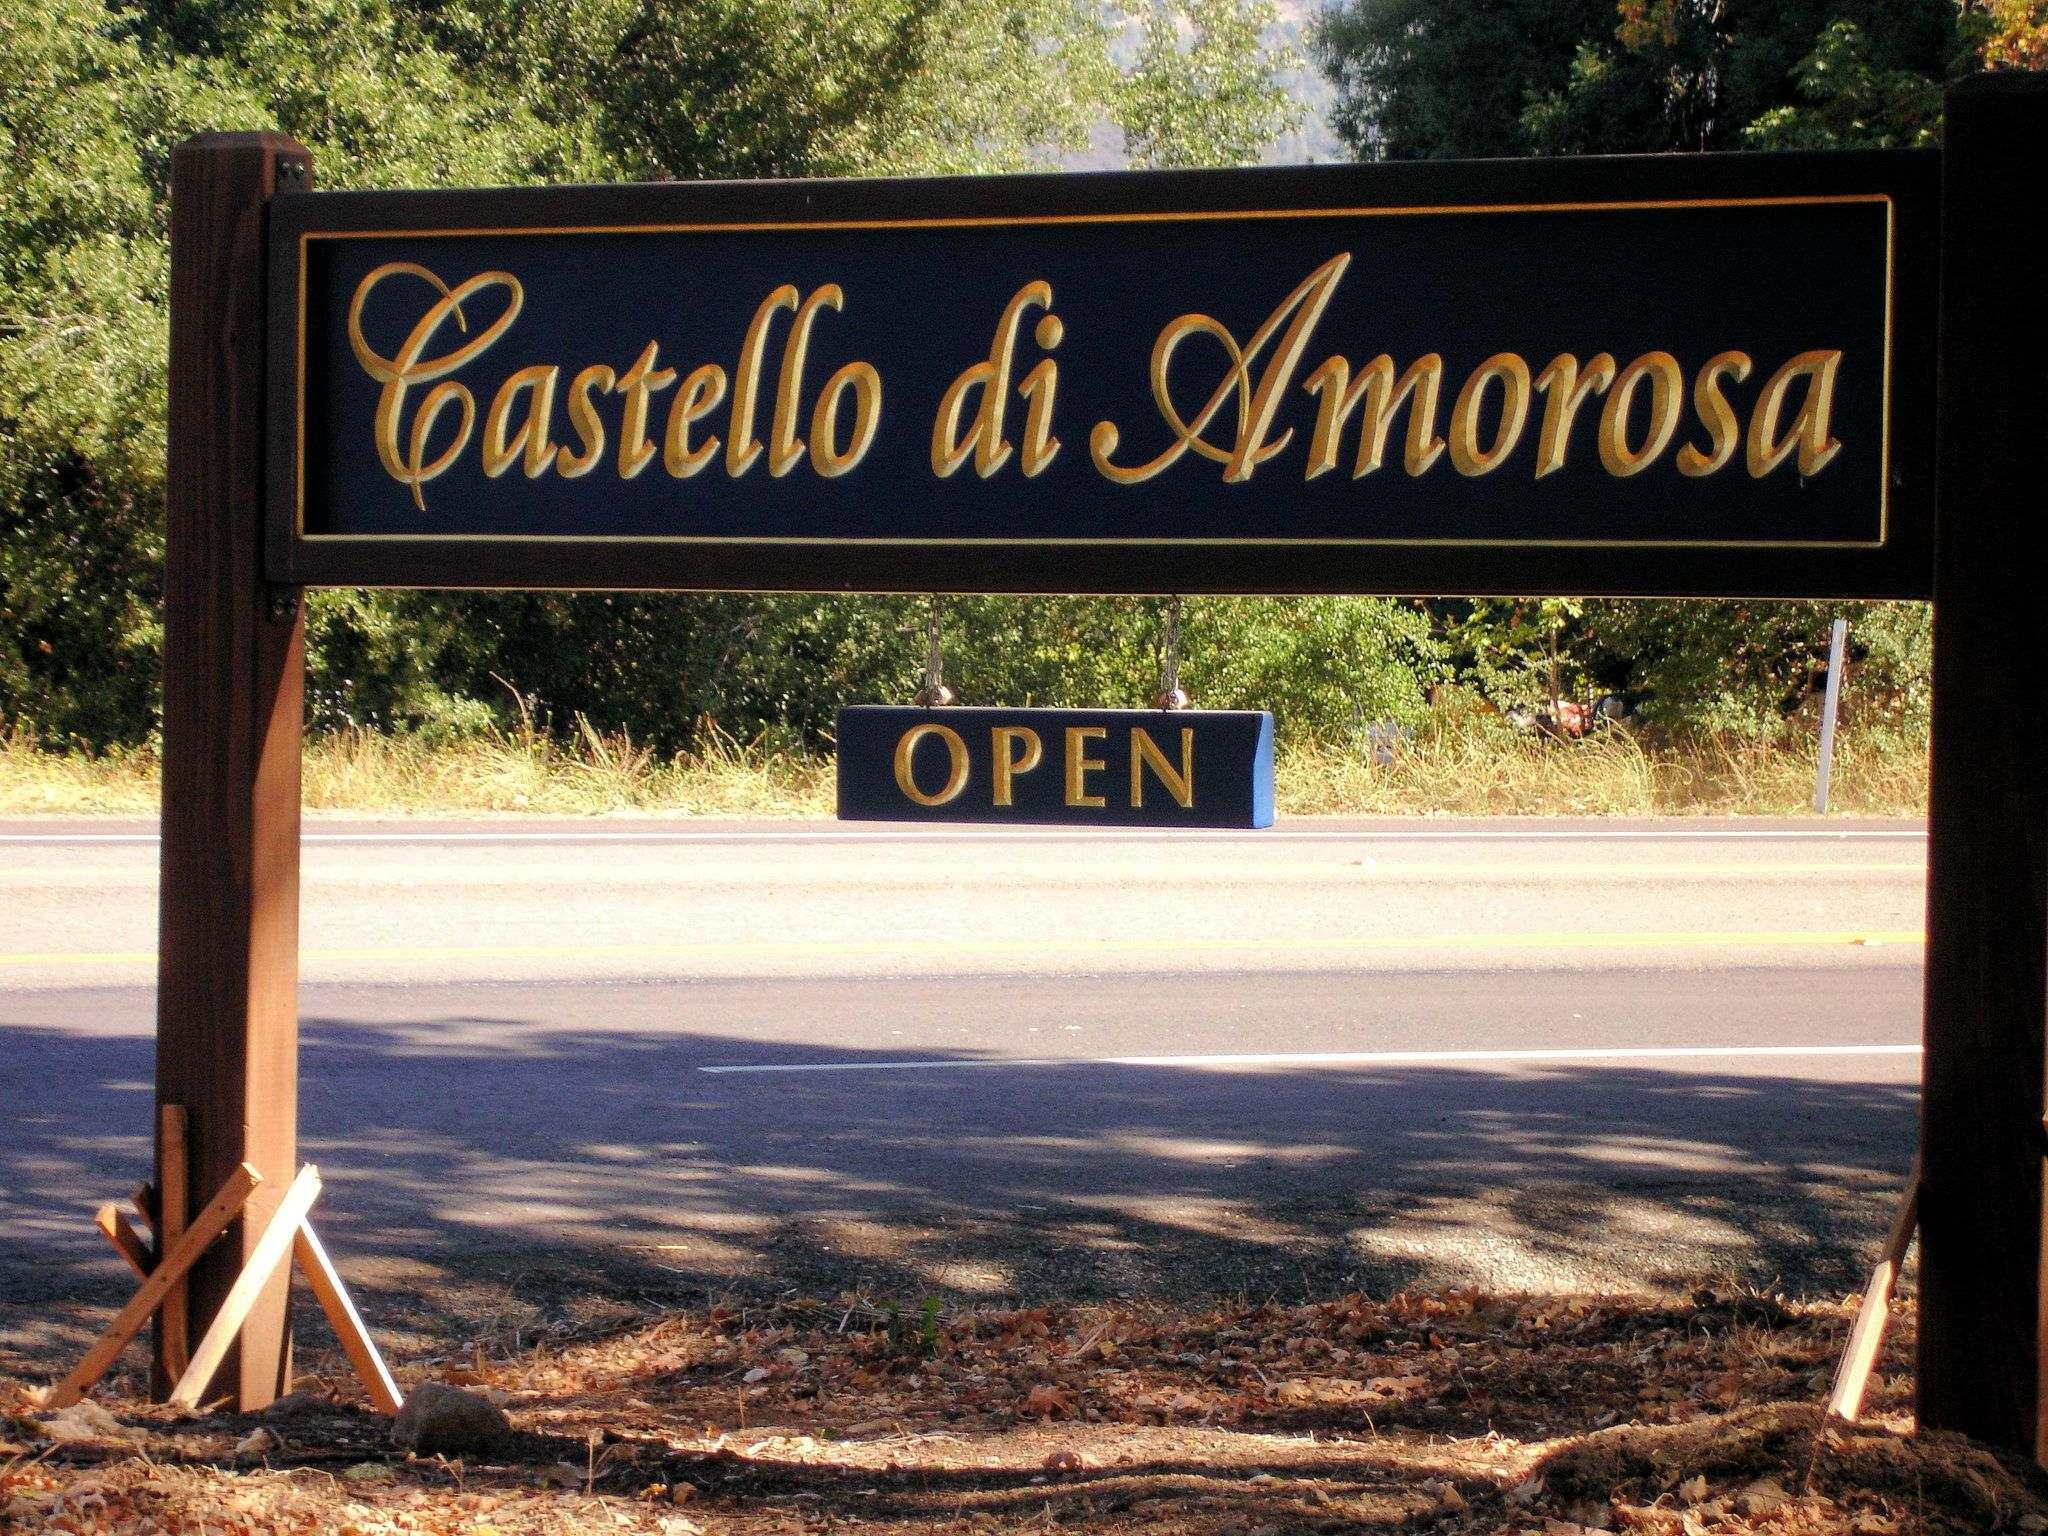 castello di amorosa14 Castello di Amorosa Winery in Napa Valley, California